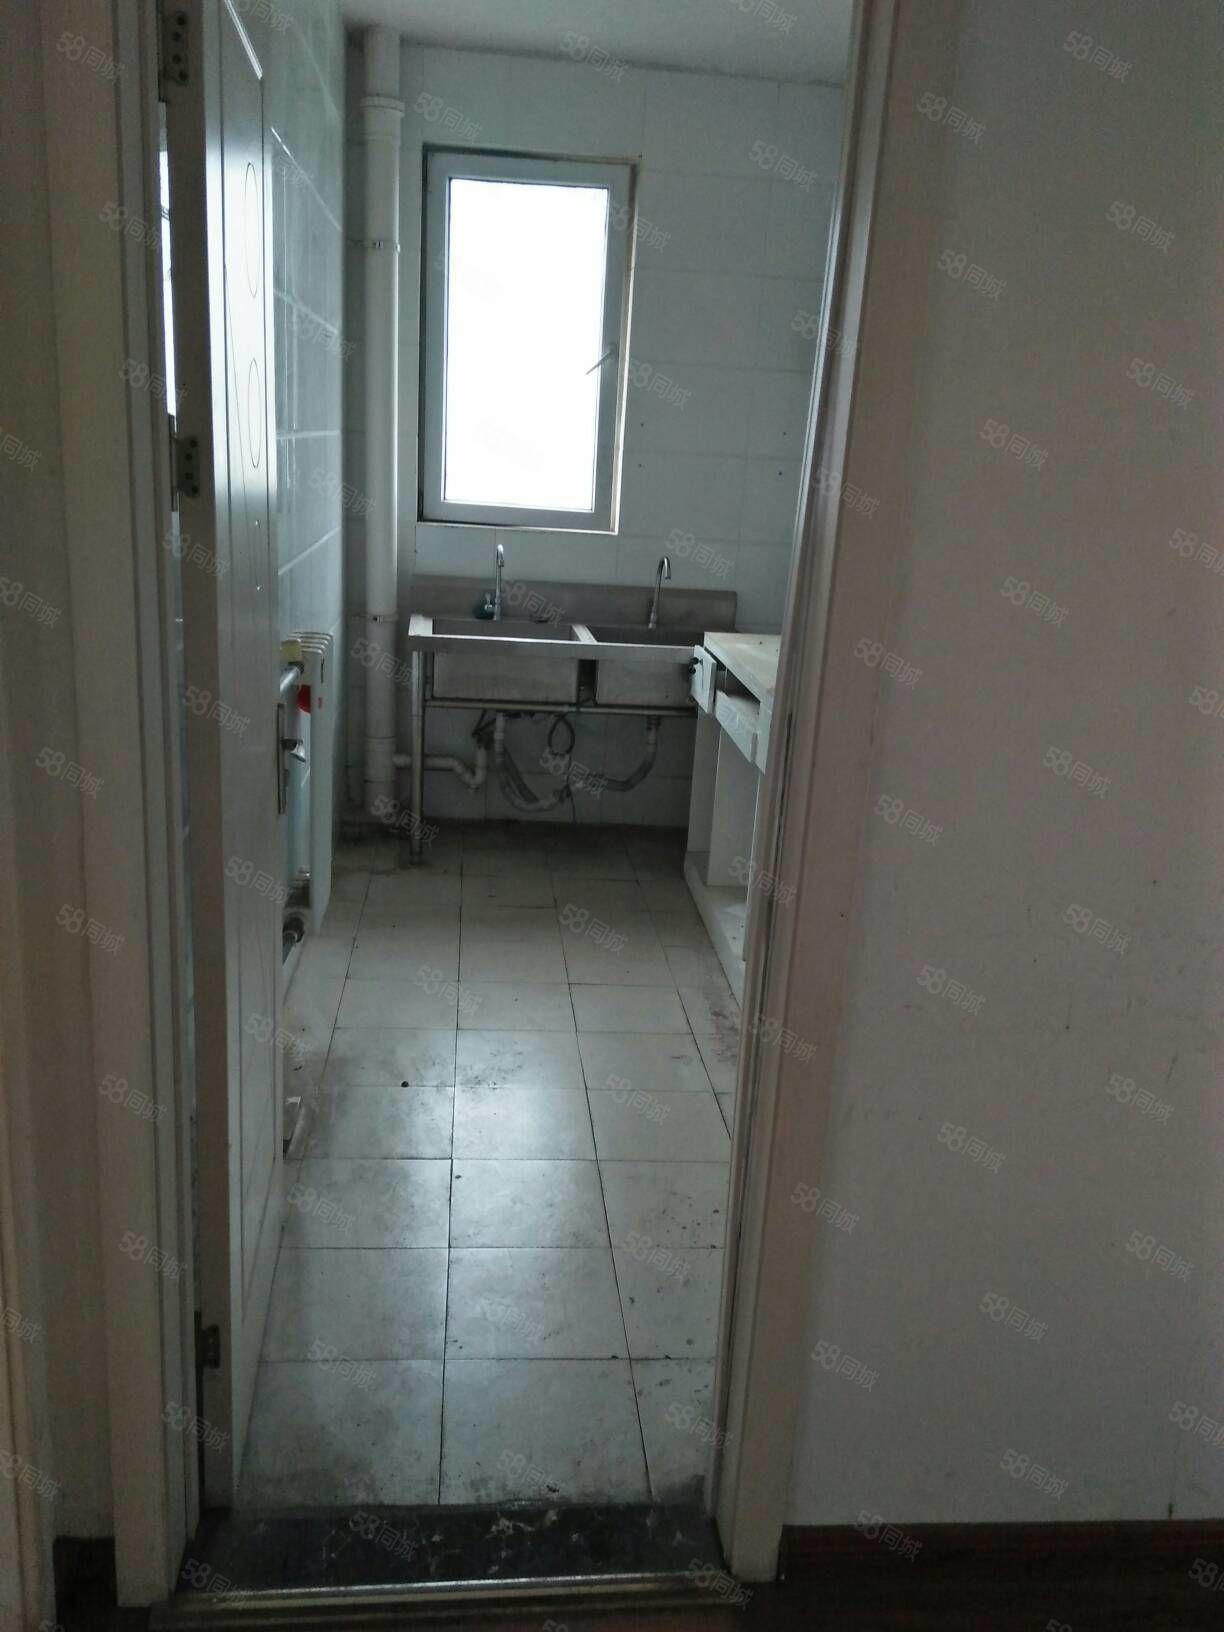 都市花园2楼3室2厅150平,家县齐,空调3台,1600元。